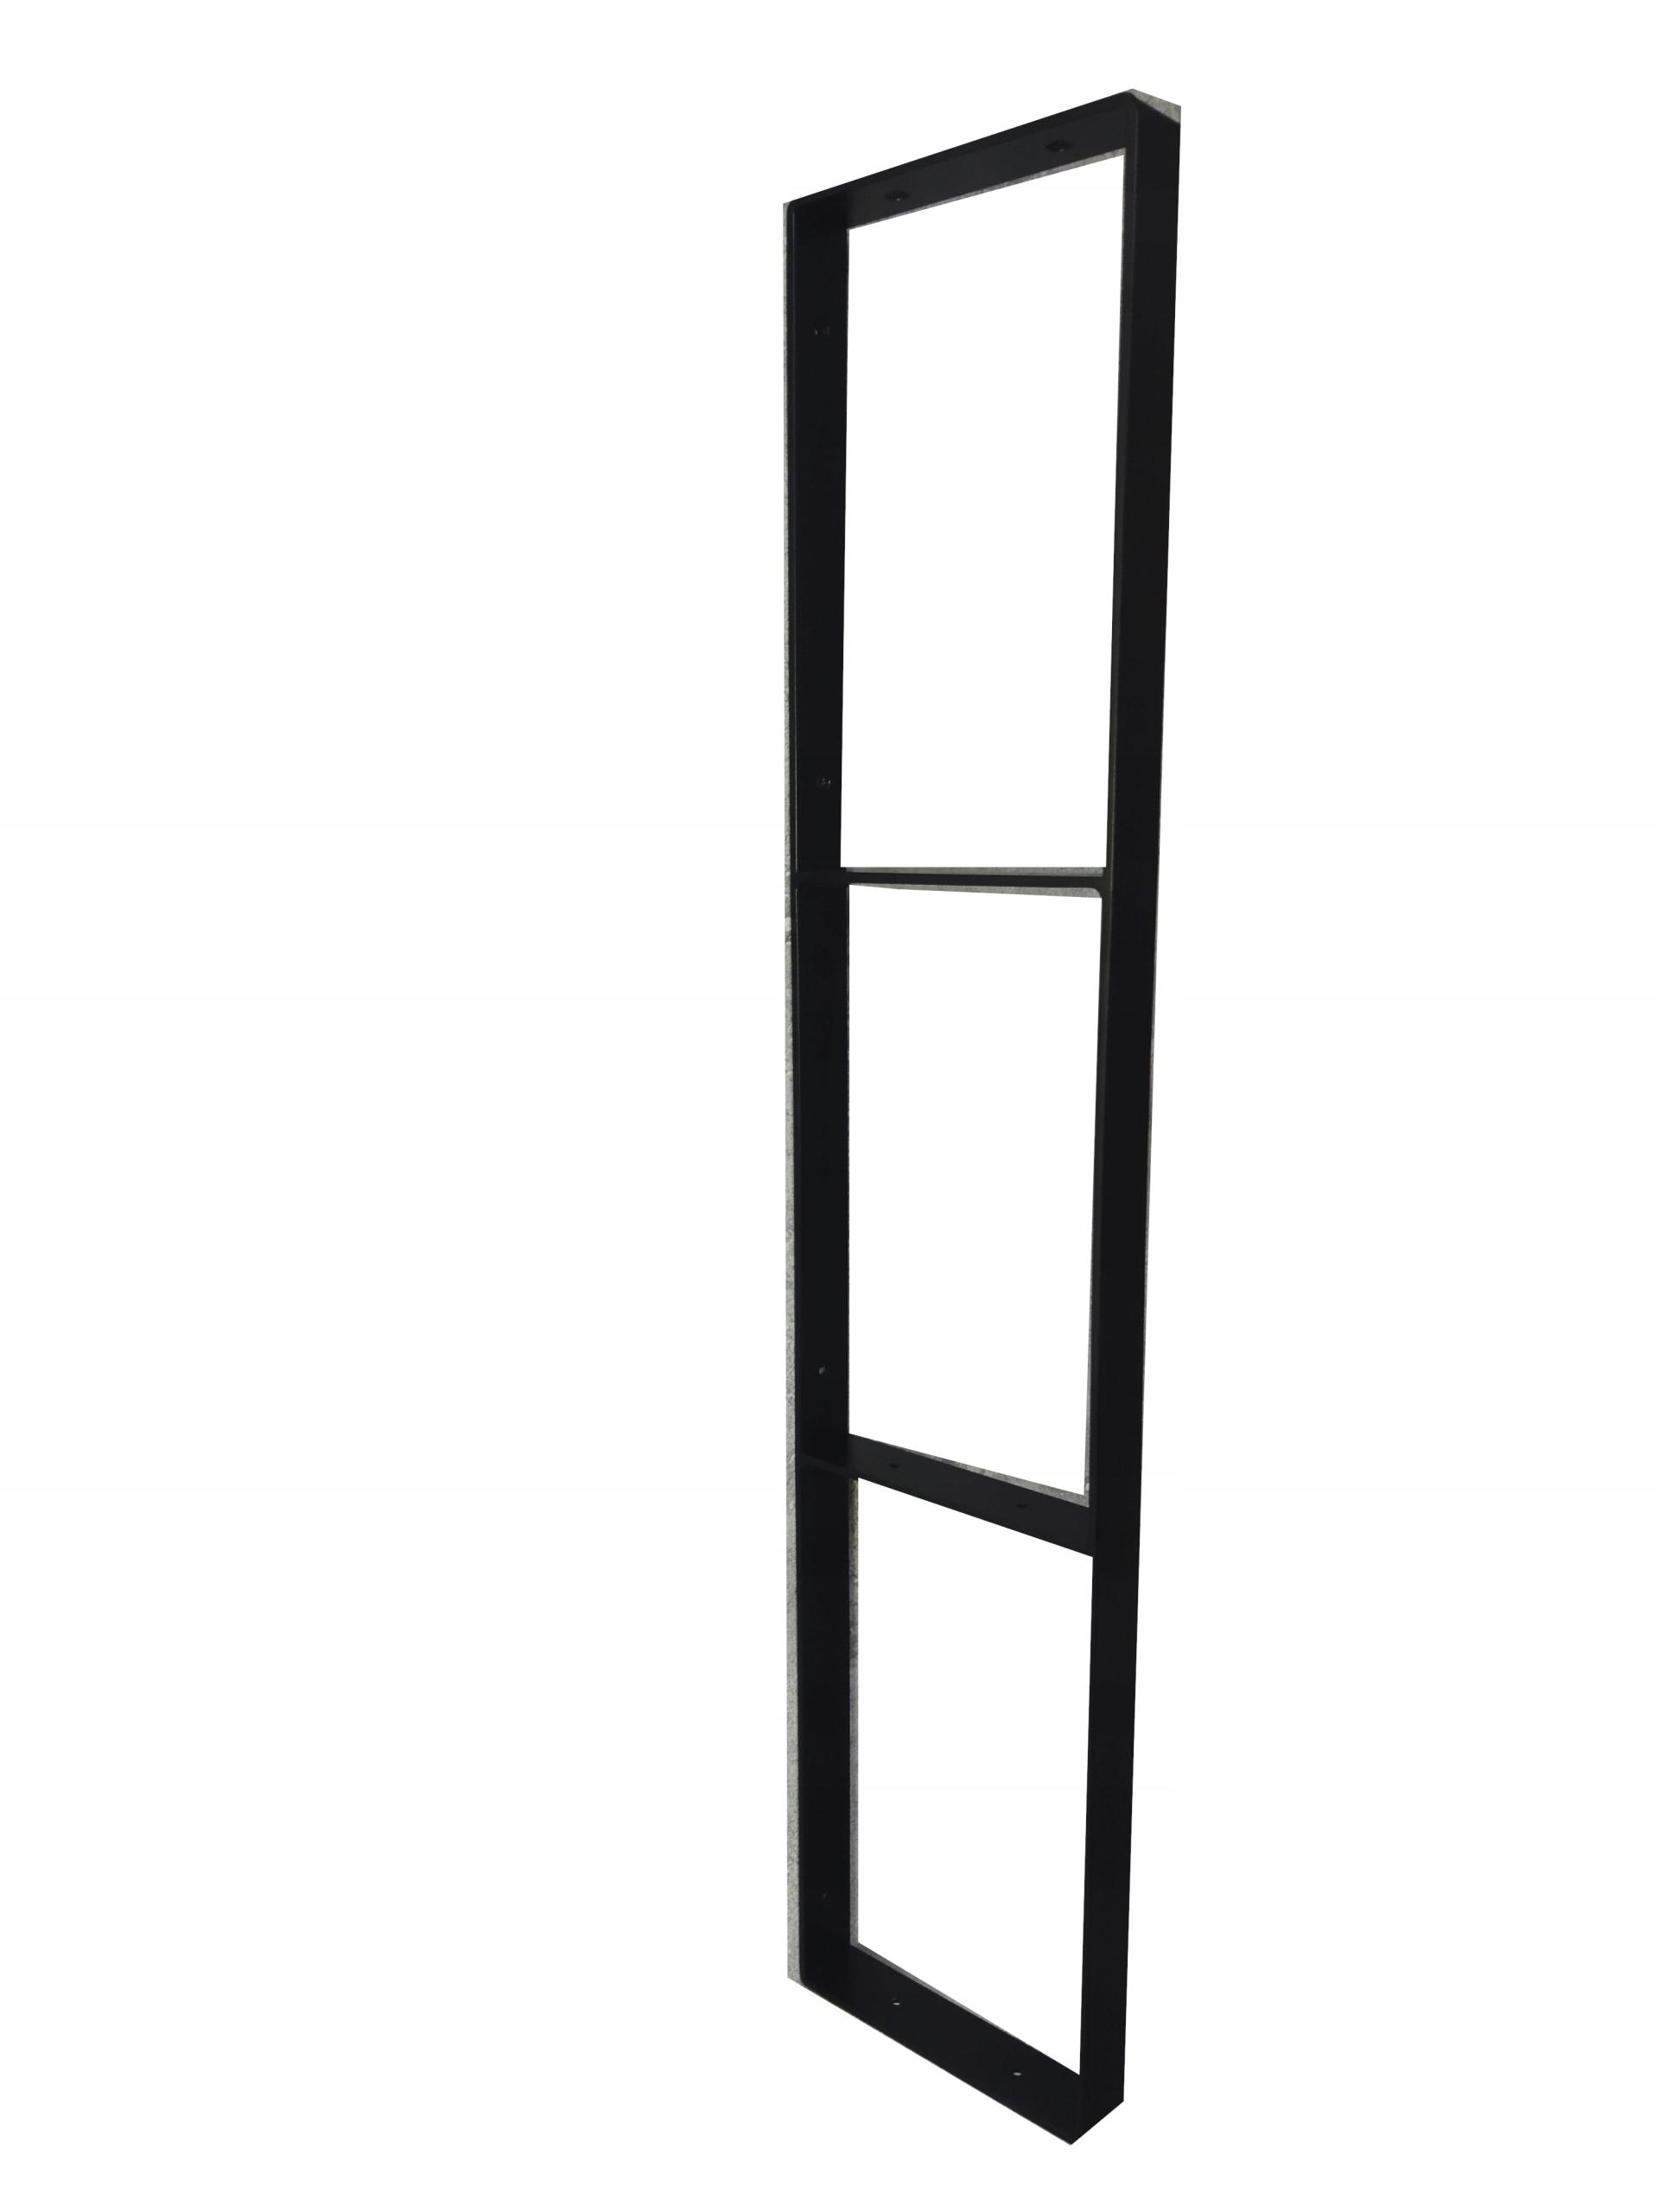 Полка-лофт, промышленный образец №20